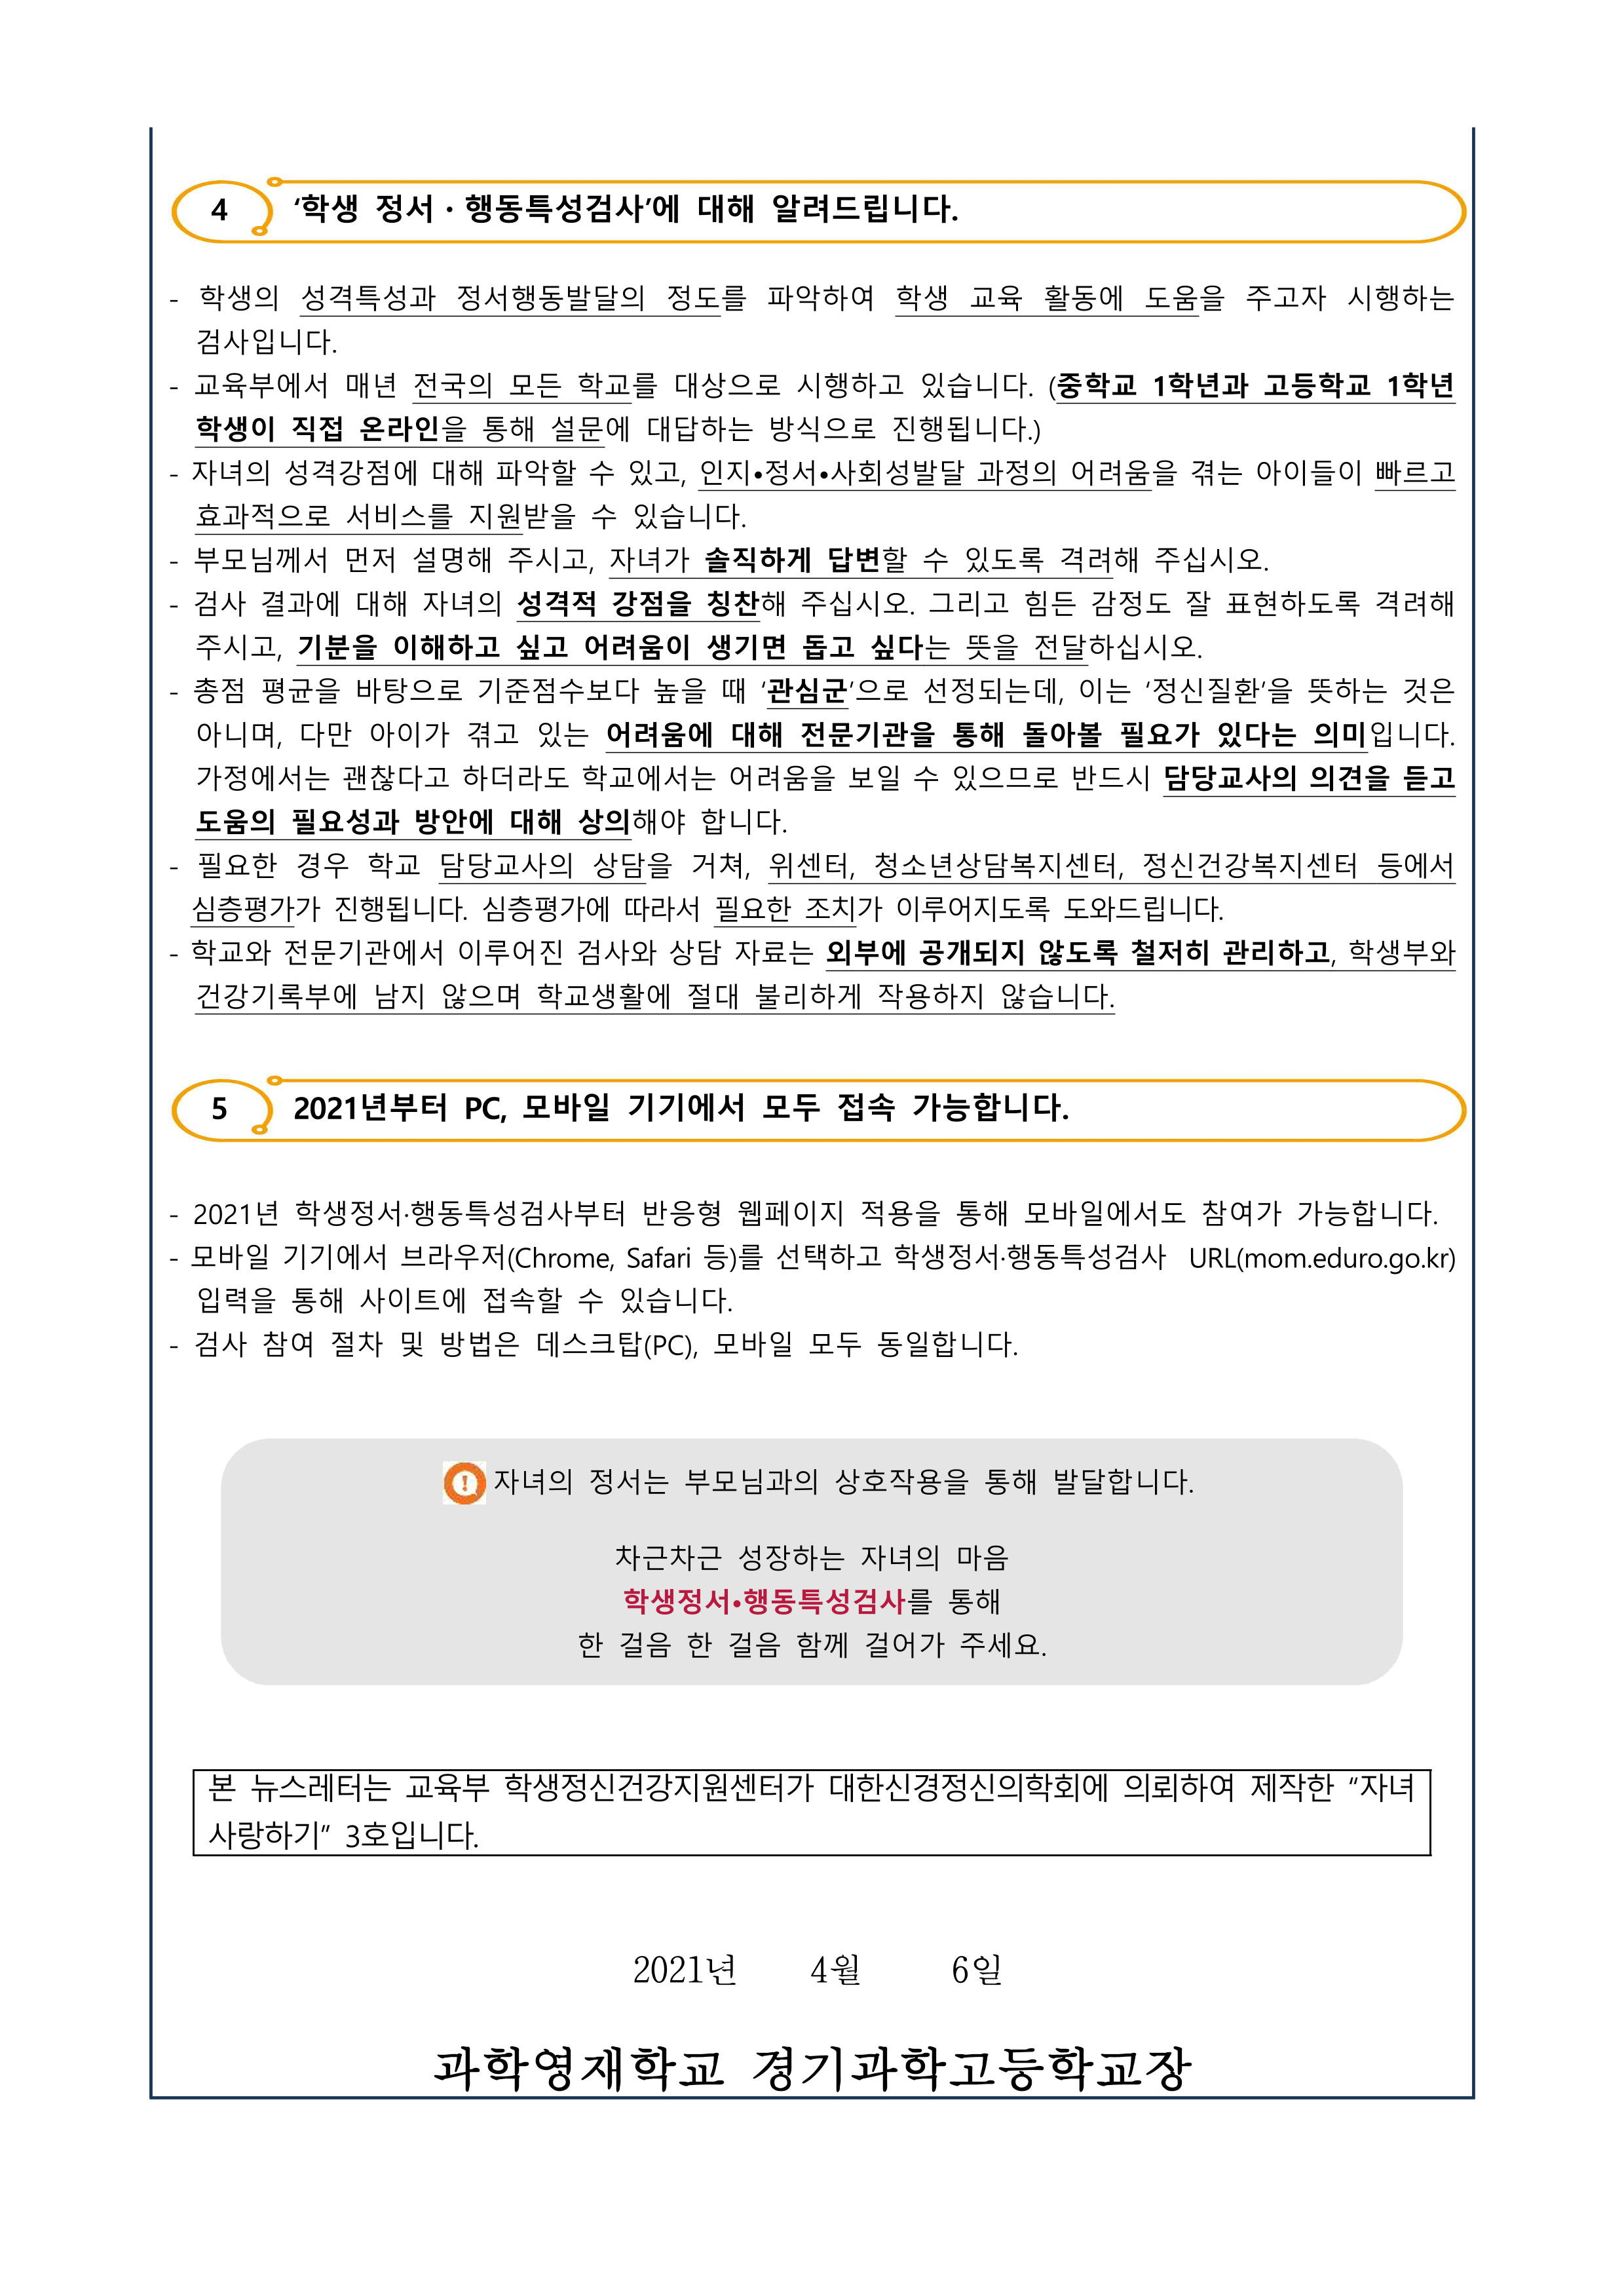 뉴스레터 자녀사랑하기 제2021-3호 가정통신문 2Page.